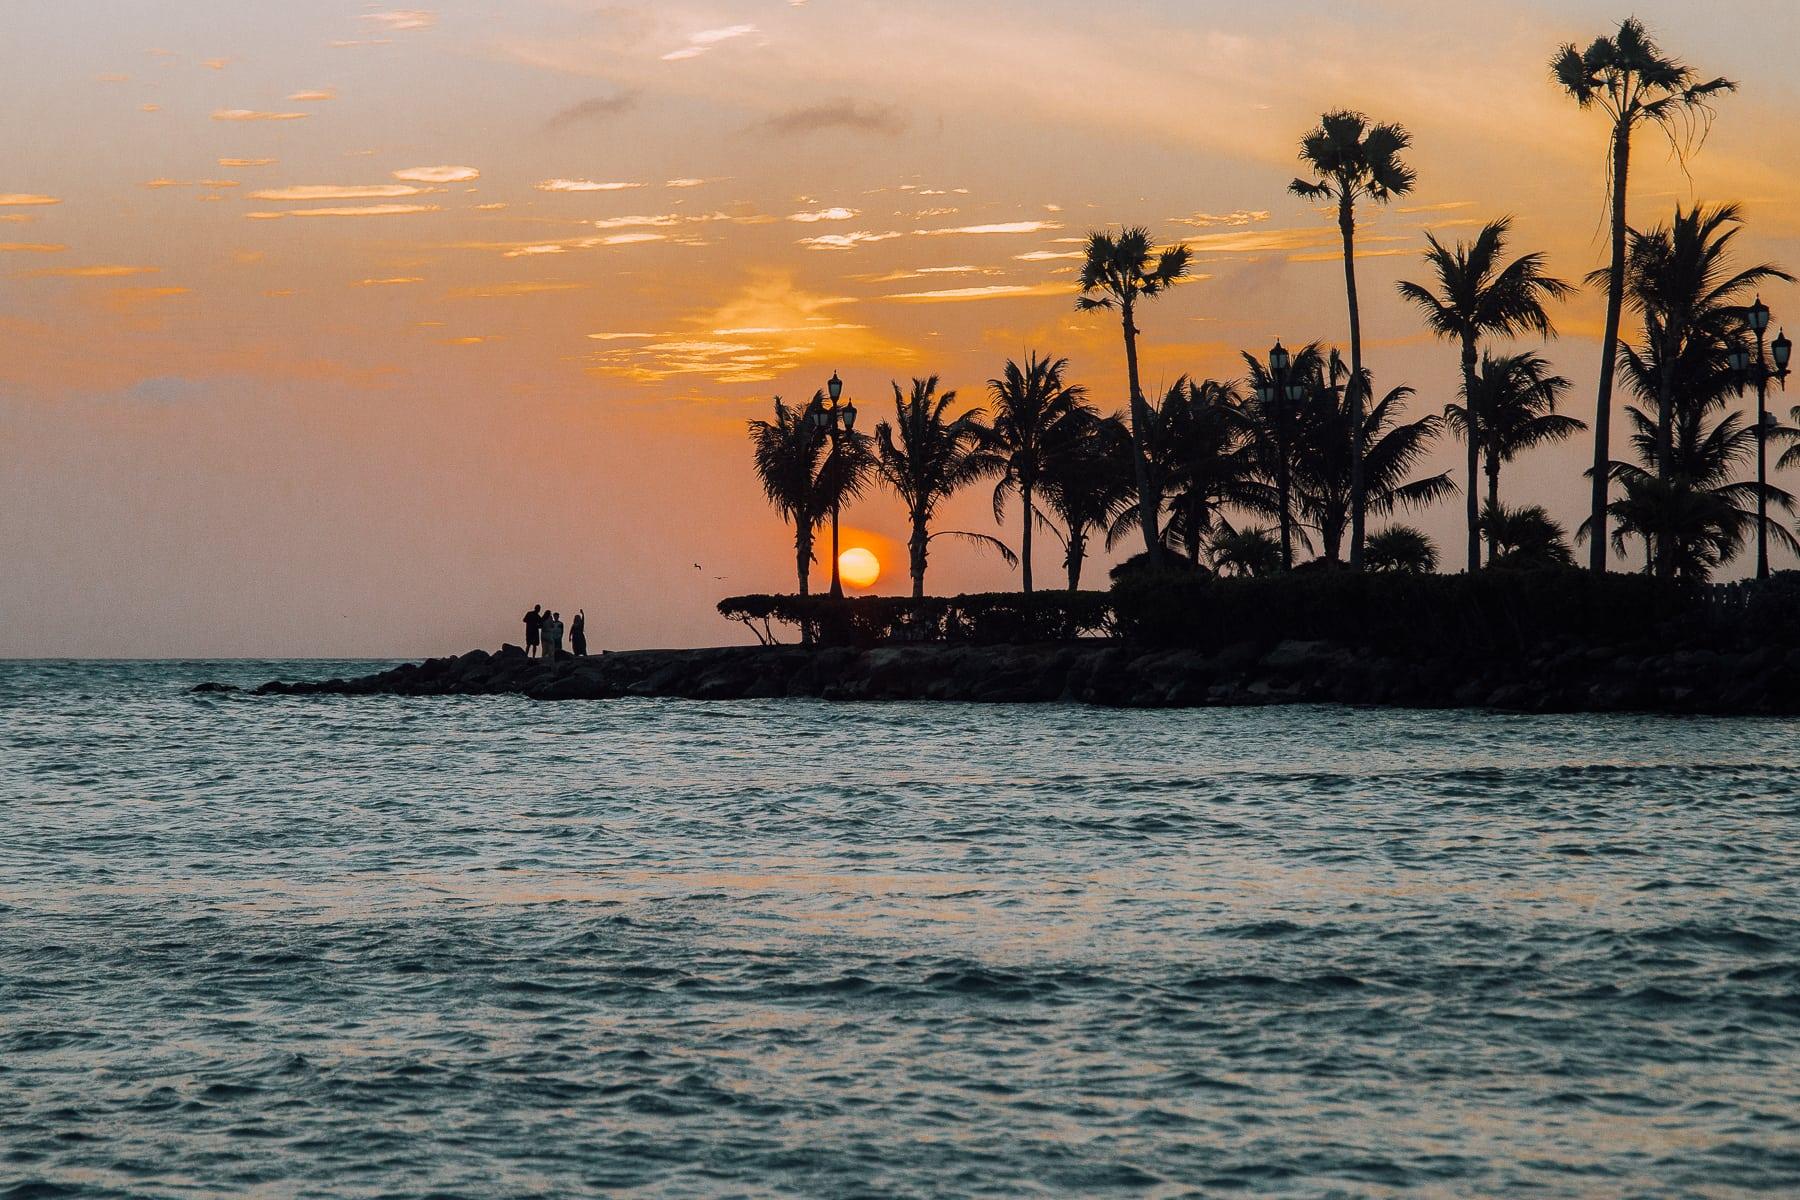 Die 5 schönsten Strände auf Aruba. Palm Beach.